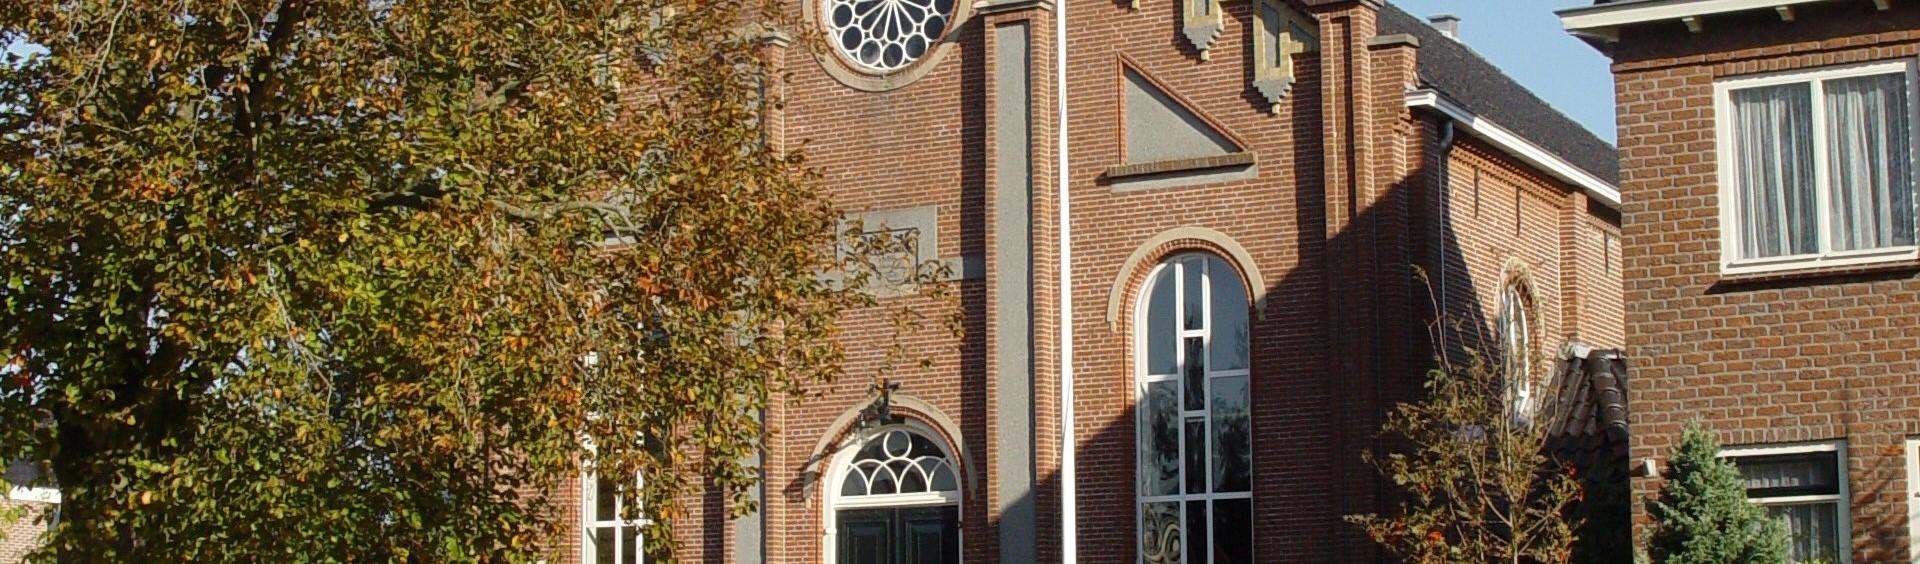 Gereformeerde kerk PKN Ten Boer